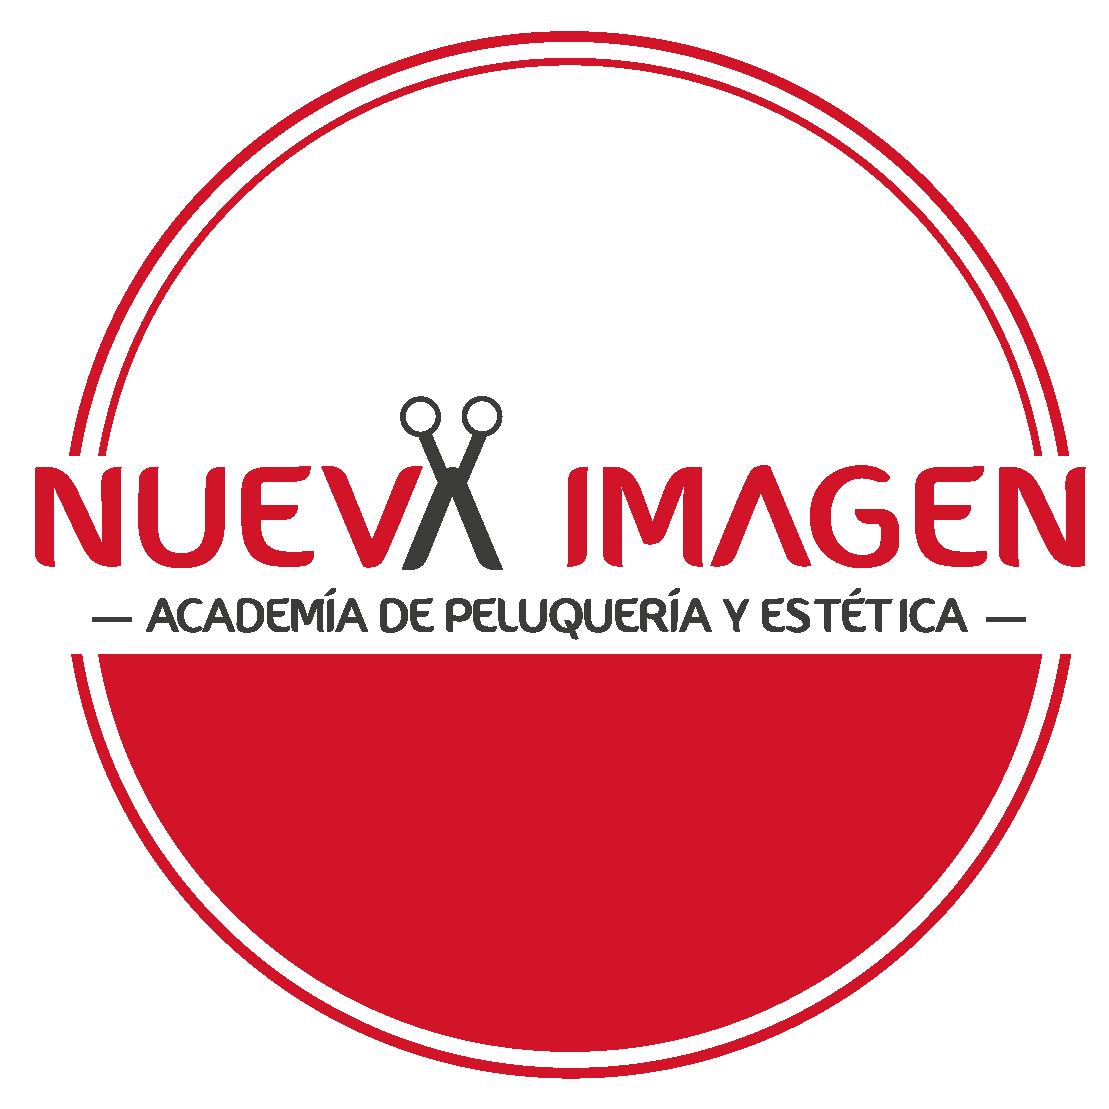 LOGO NUEVA IMAGEN -18-10-2018-06